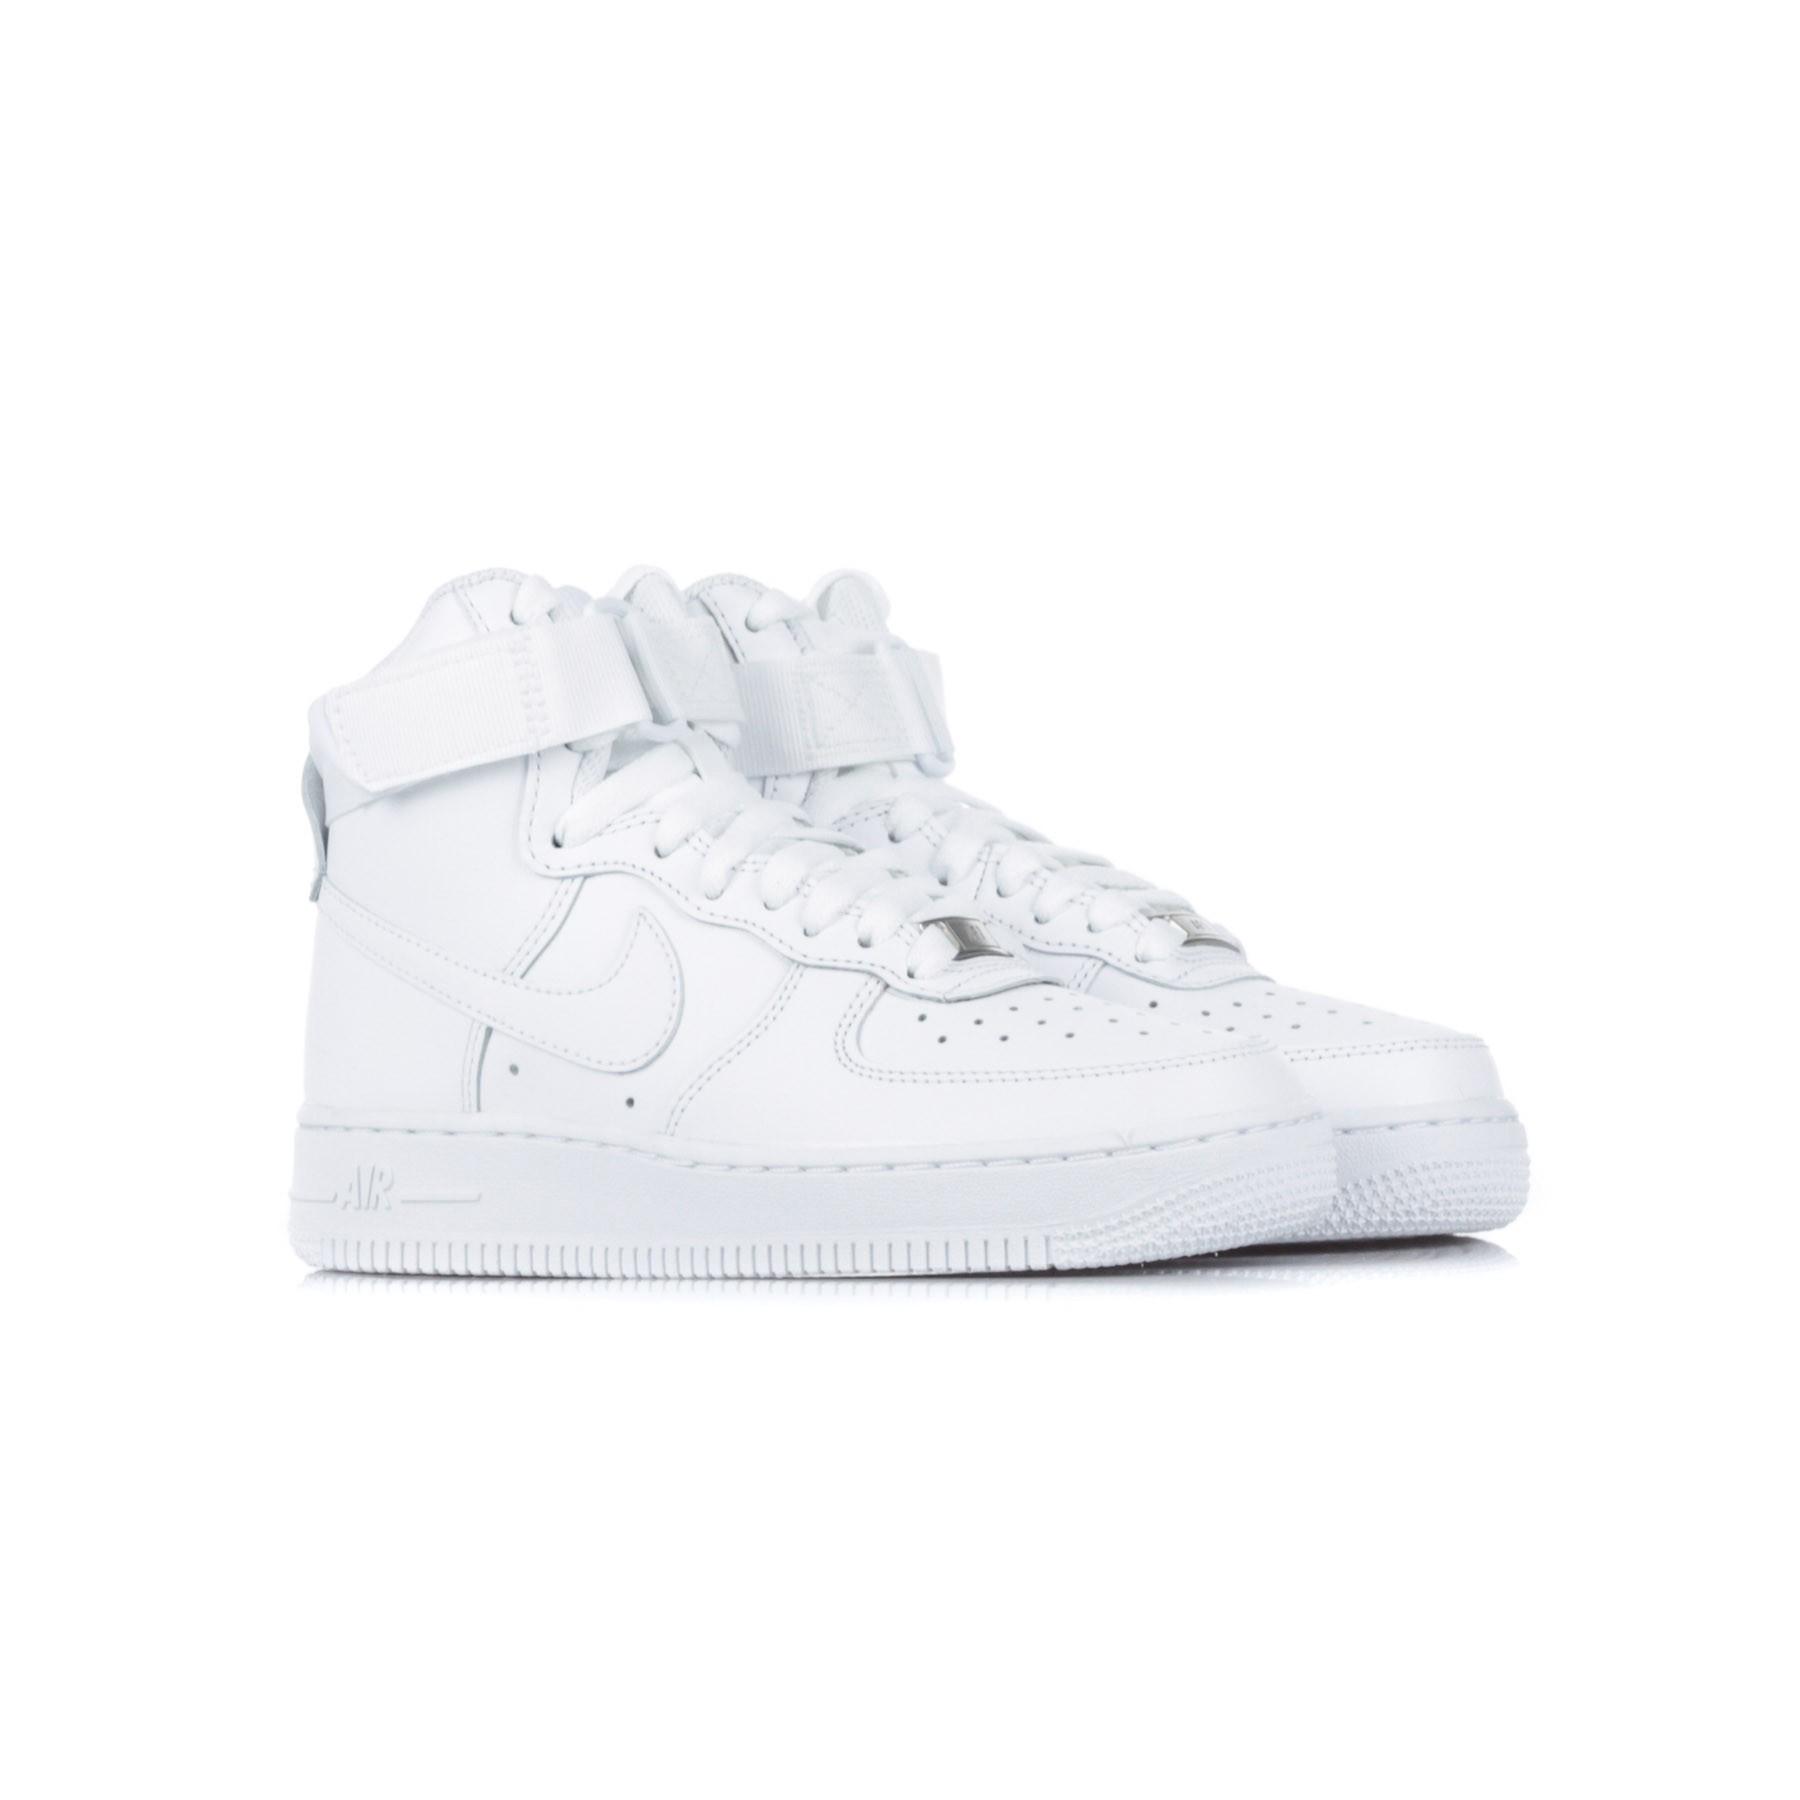 HIGH SHOE WMNS AIR FORCE 1 HIGH WHITE/WHITE/WHITE